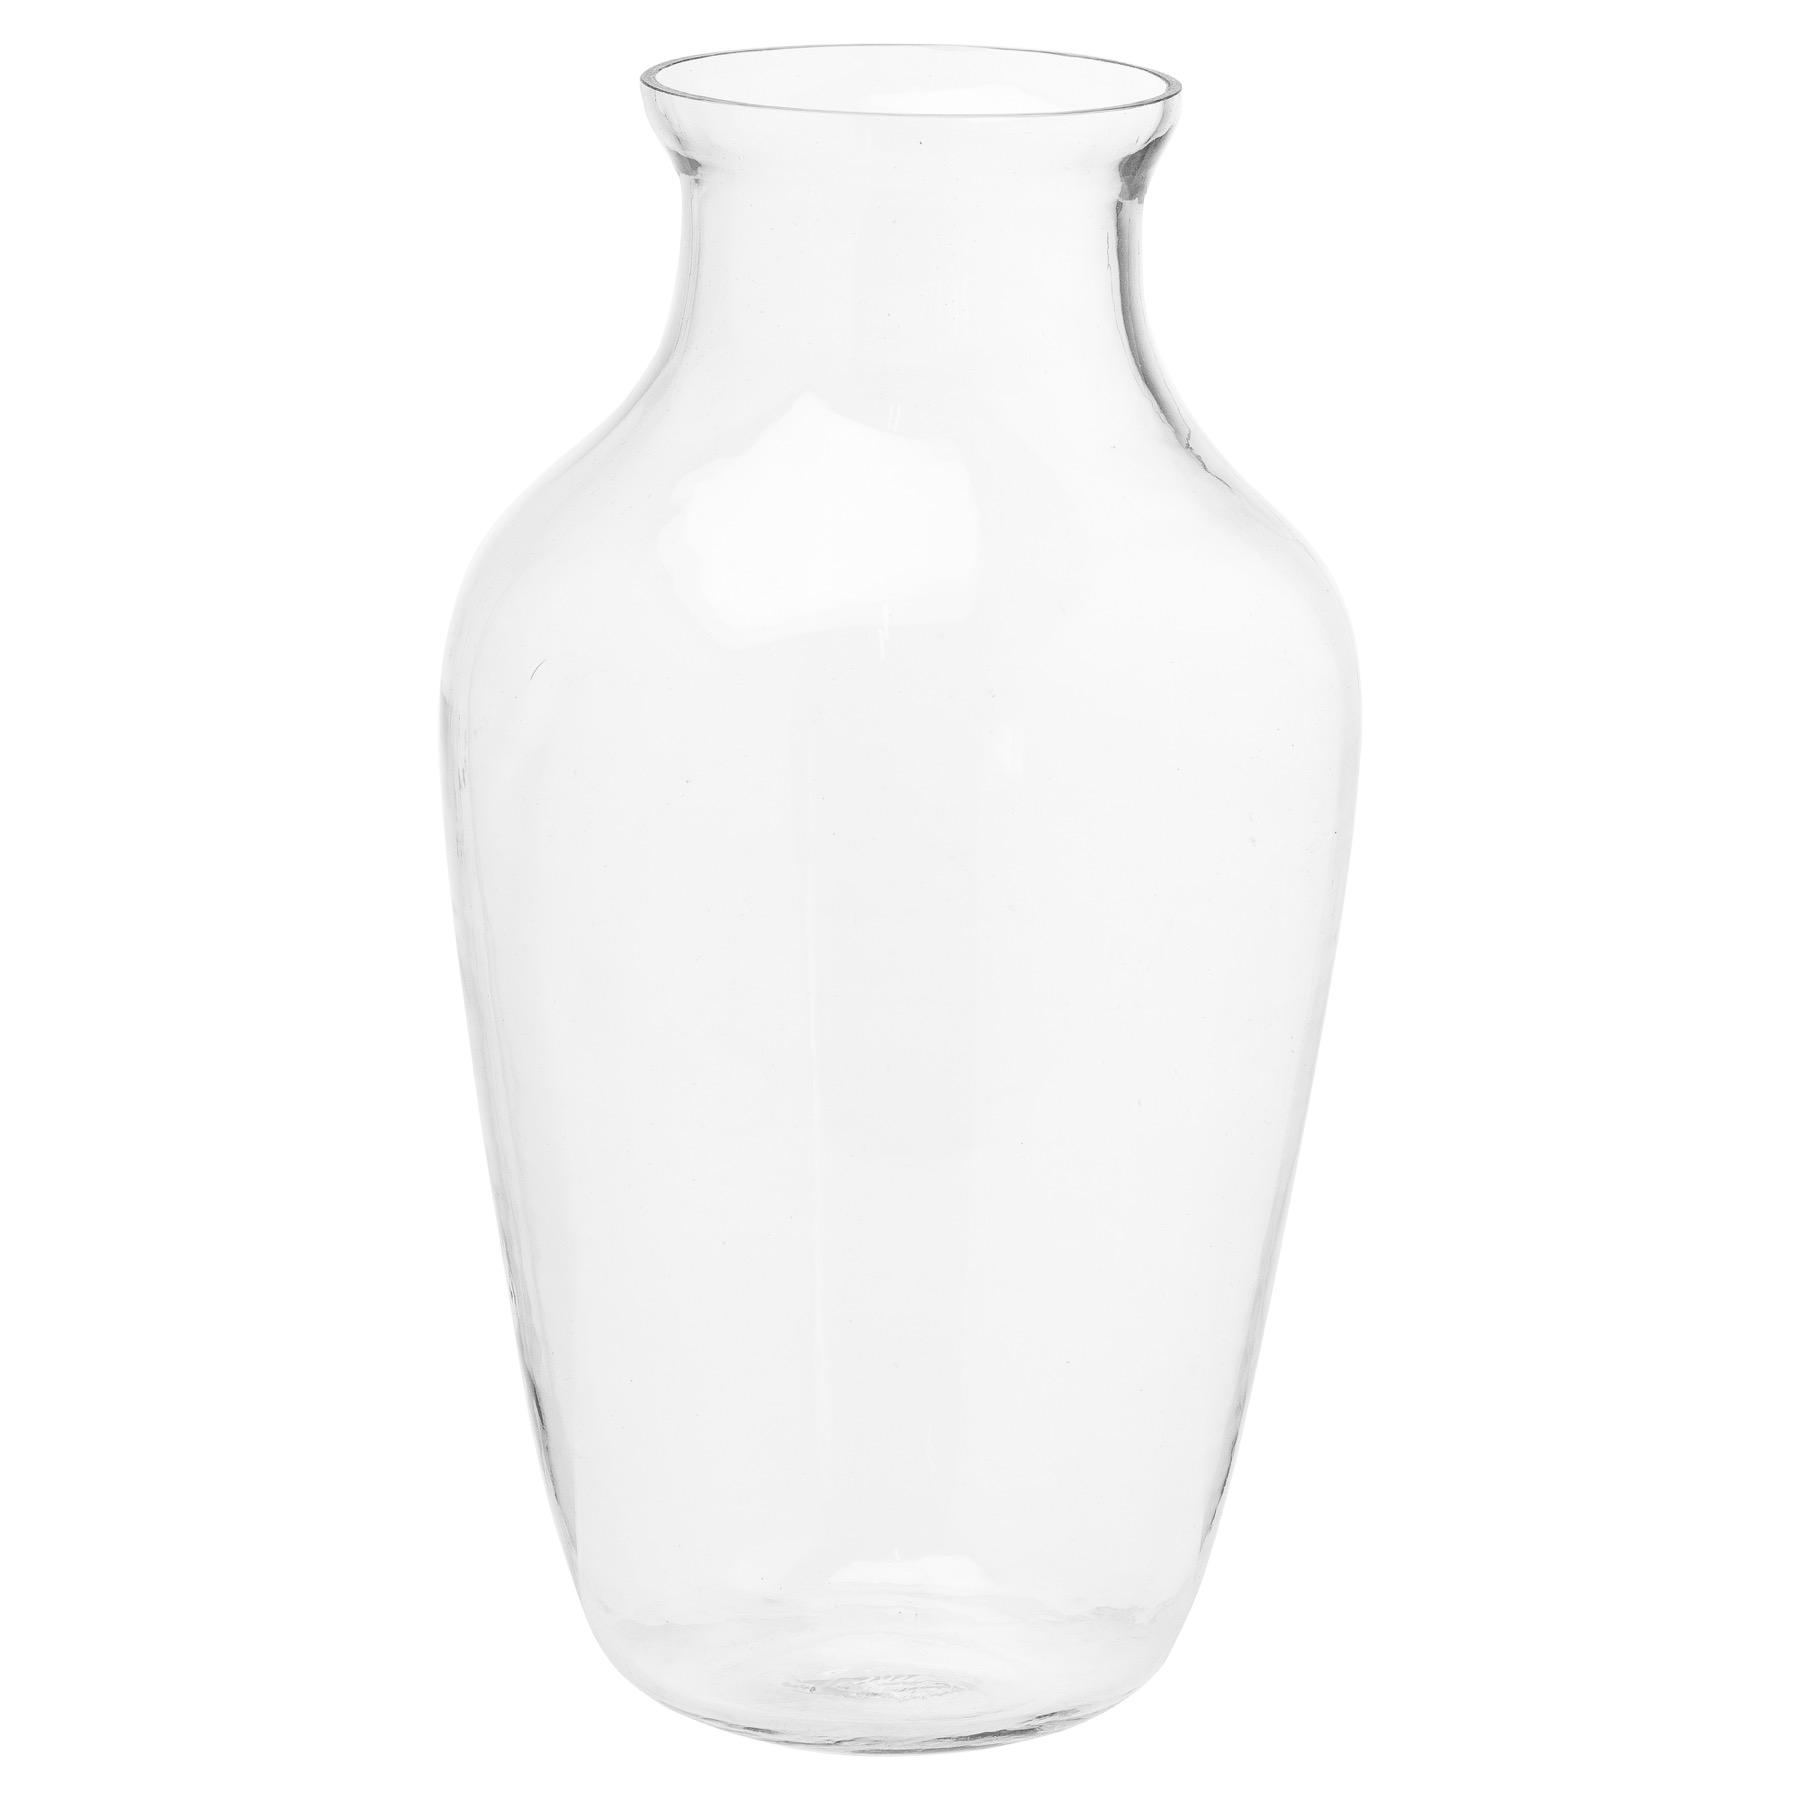 Large Amphora Glass Vase - Image 1